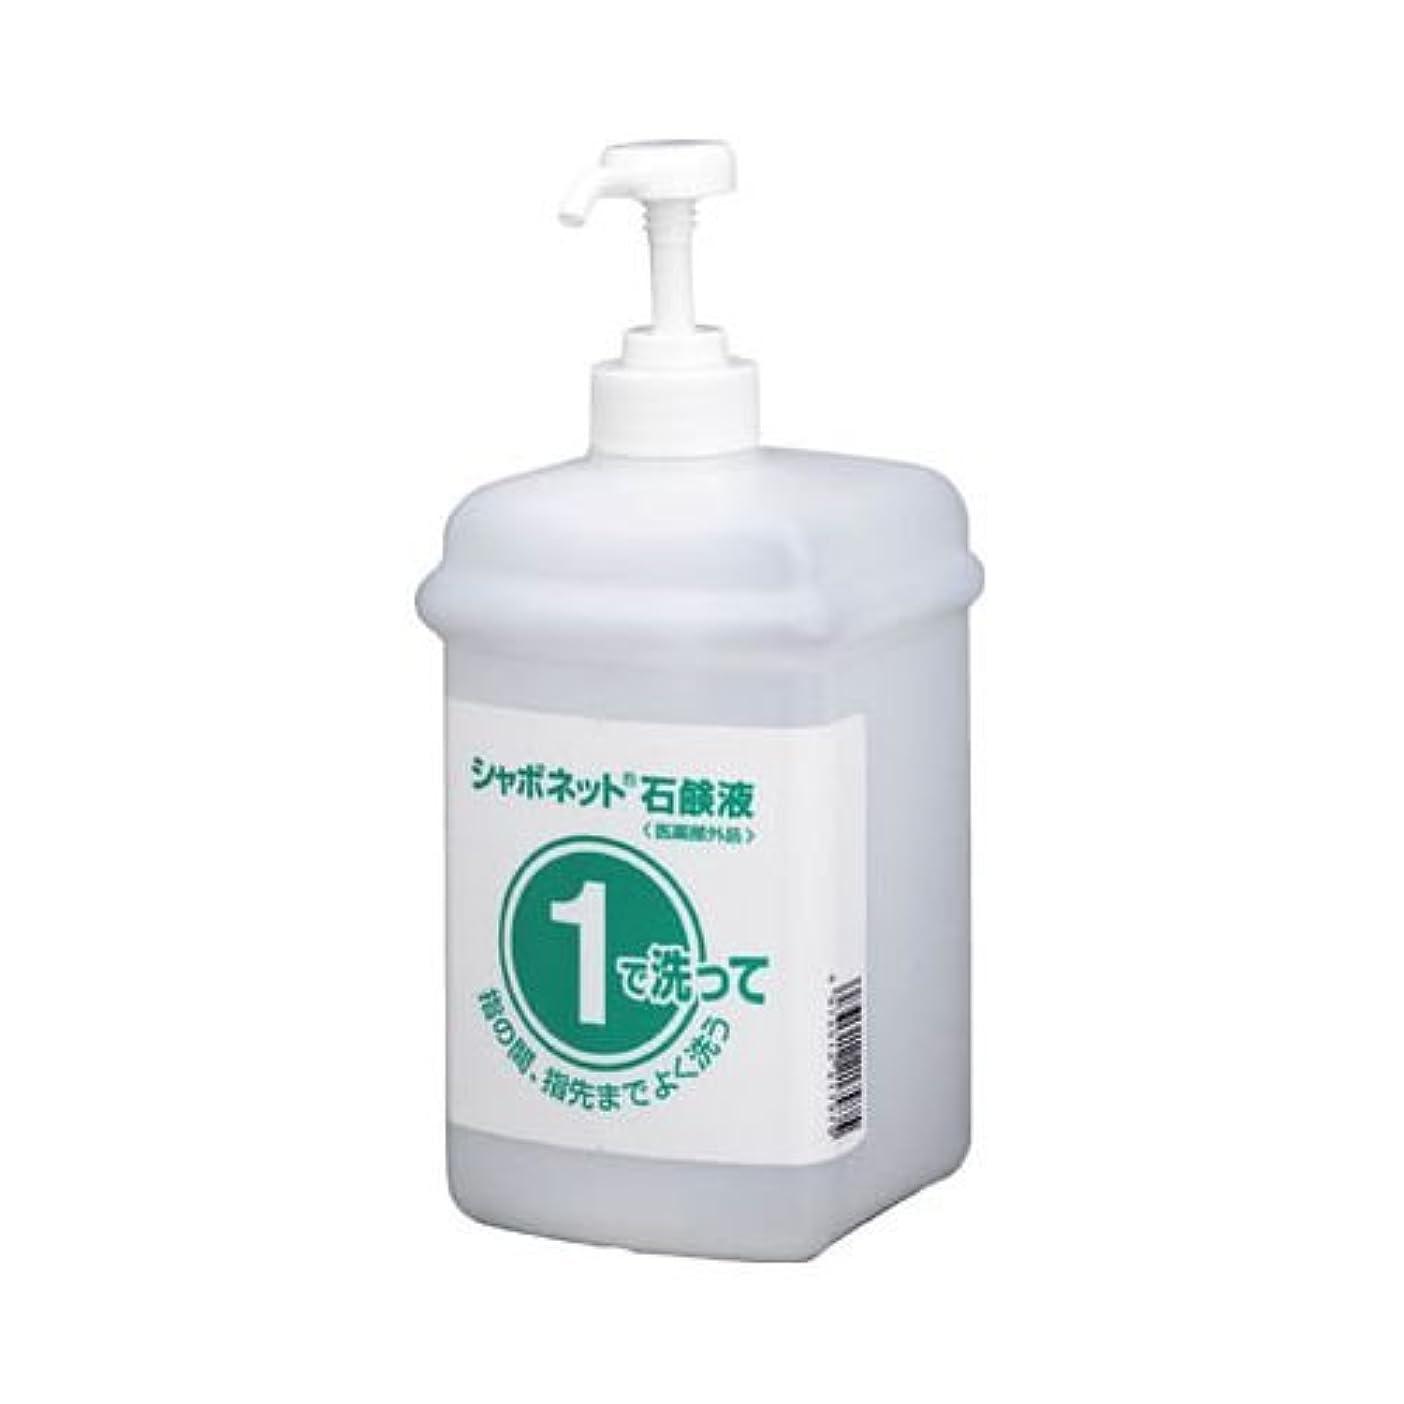 不完全な告発設計図サラヤ 石鹸容器 1?2セットボトル 石鹸液用1L 21793